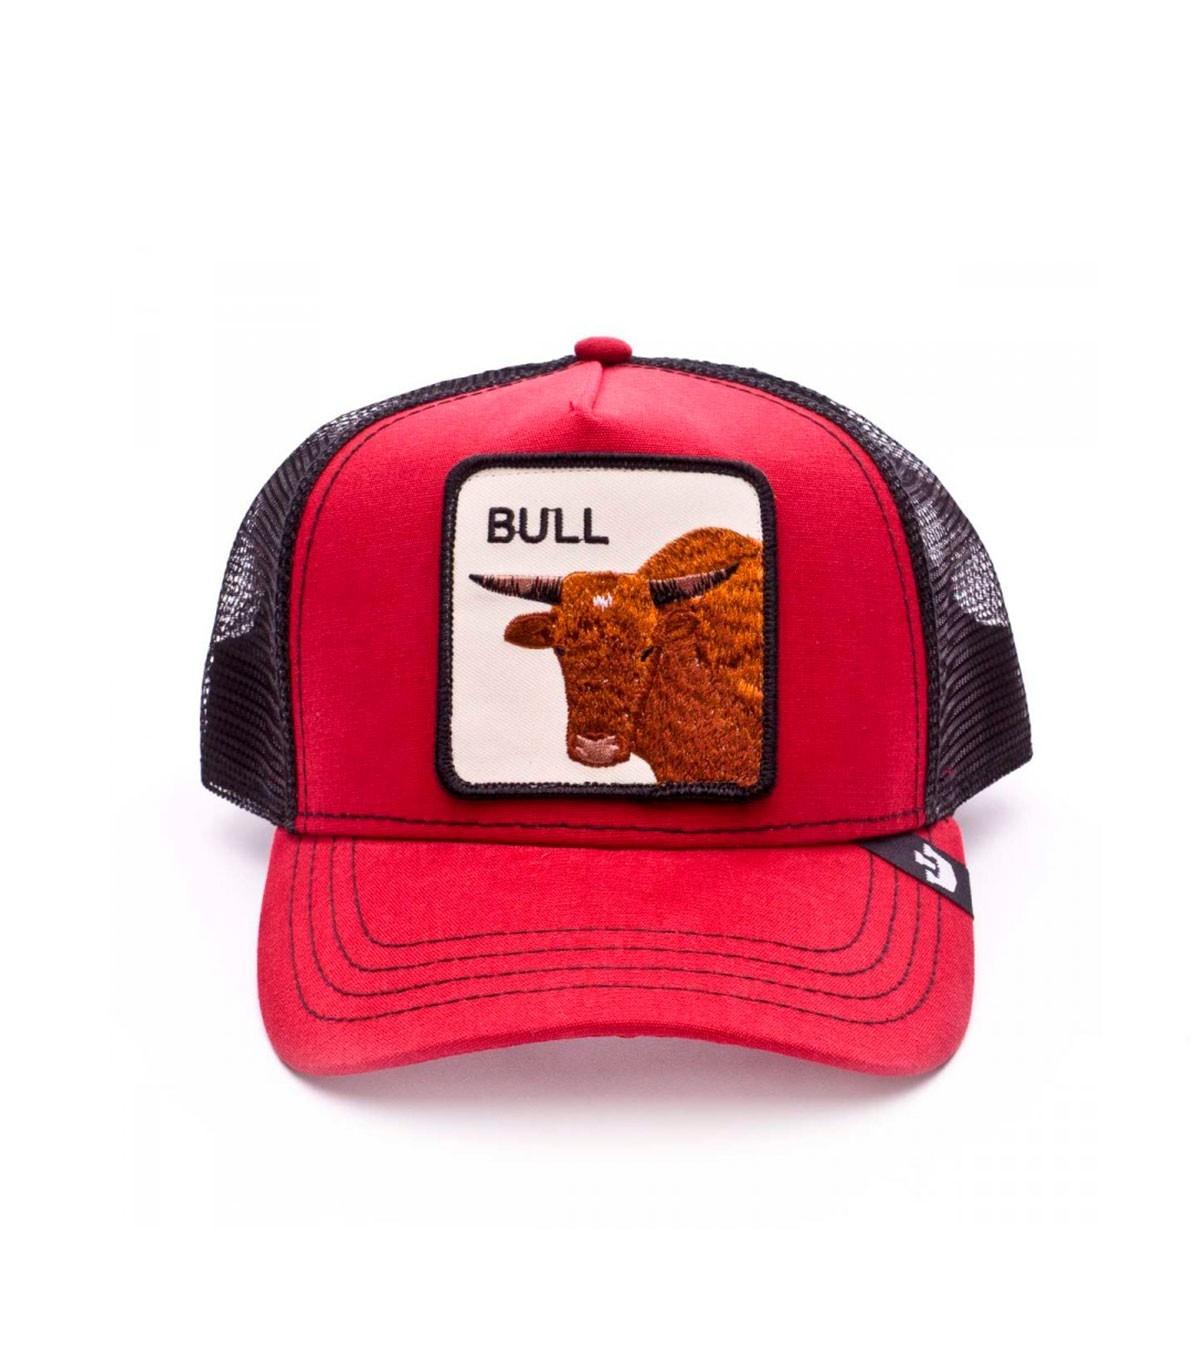 7fb7bdad ... Casquette Goorin Bros Mercury Bull Rouge/Noir · Mercury Bull